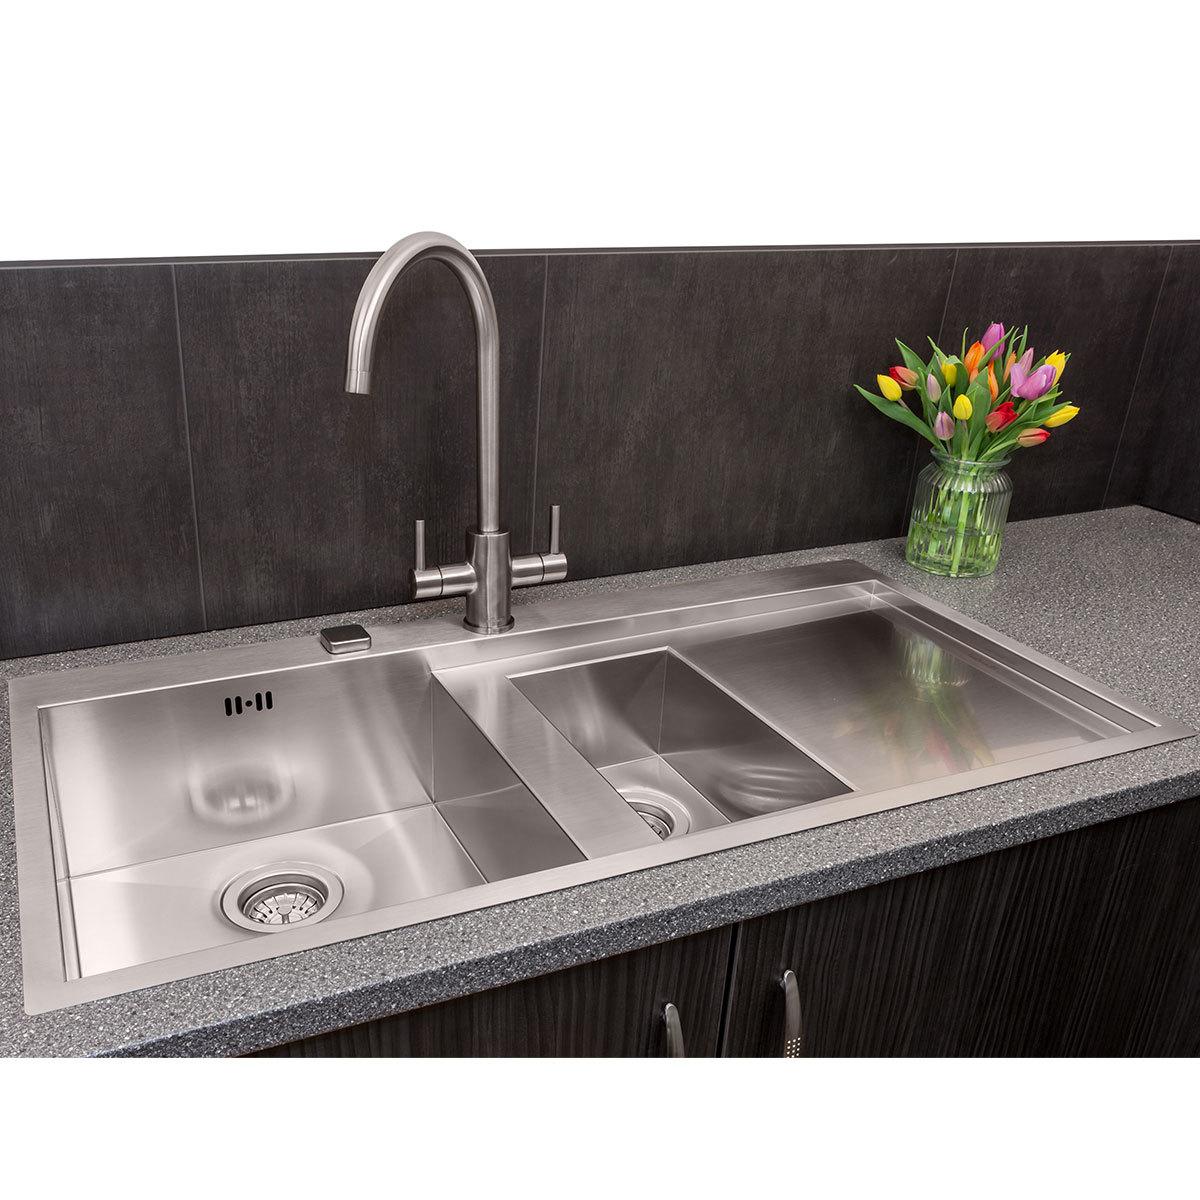 reginox ontario 1 5 bowl stainless steel sink in 2 styles costco uk